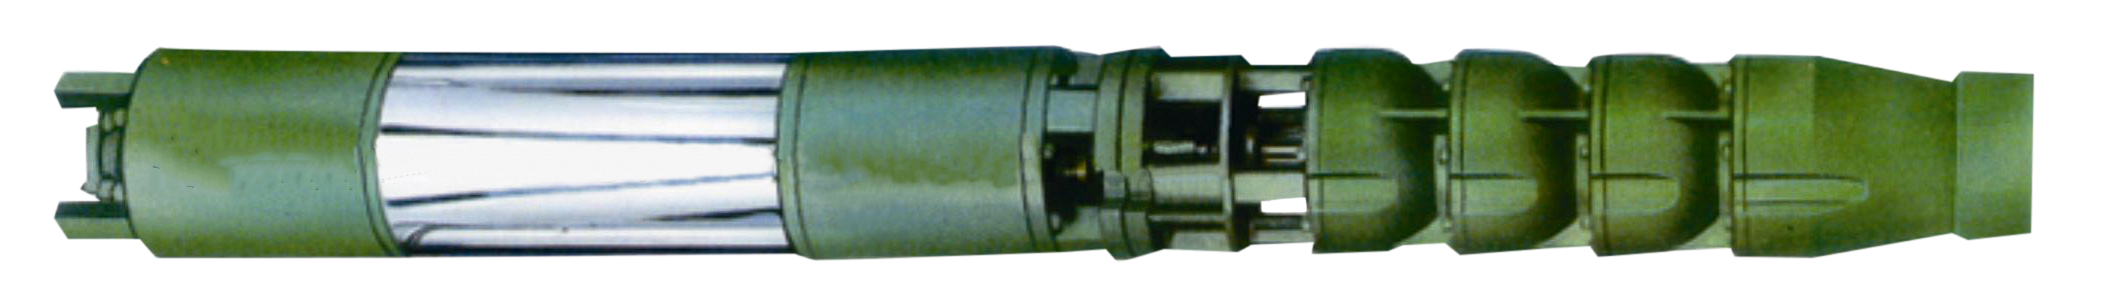 Глубинный насос ЕЦВ для подачи воды из скважин